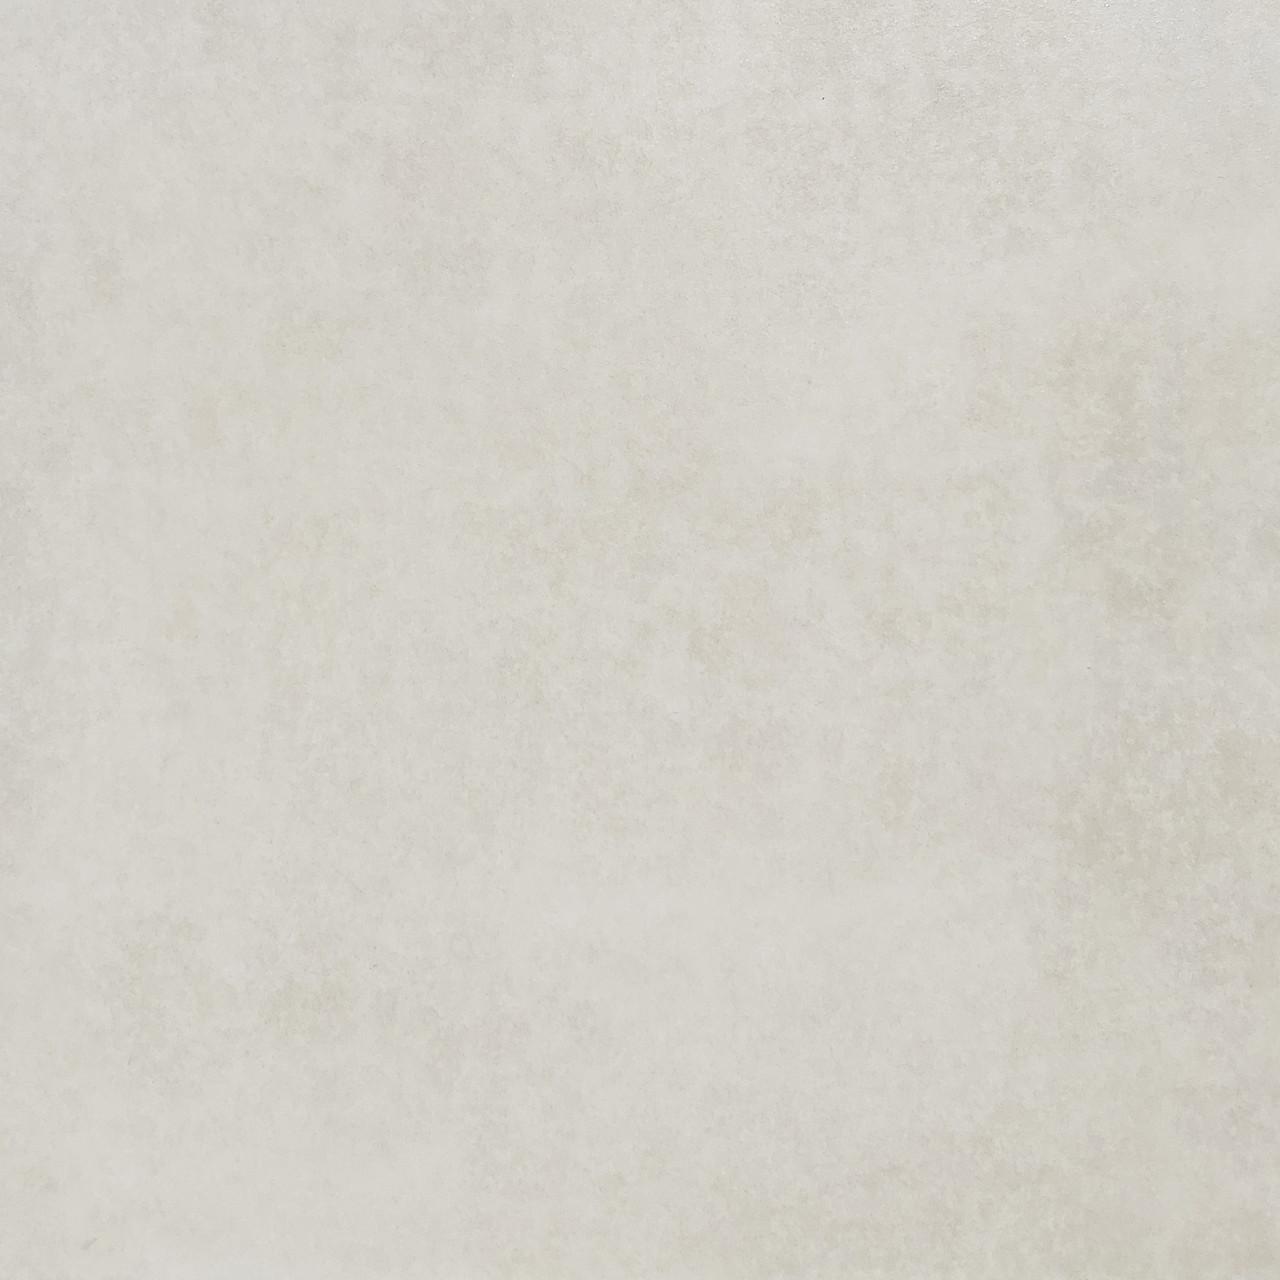 Плитка для пола ГРЕС 480x480 Todes BM сорт S